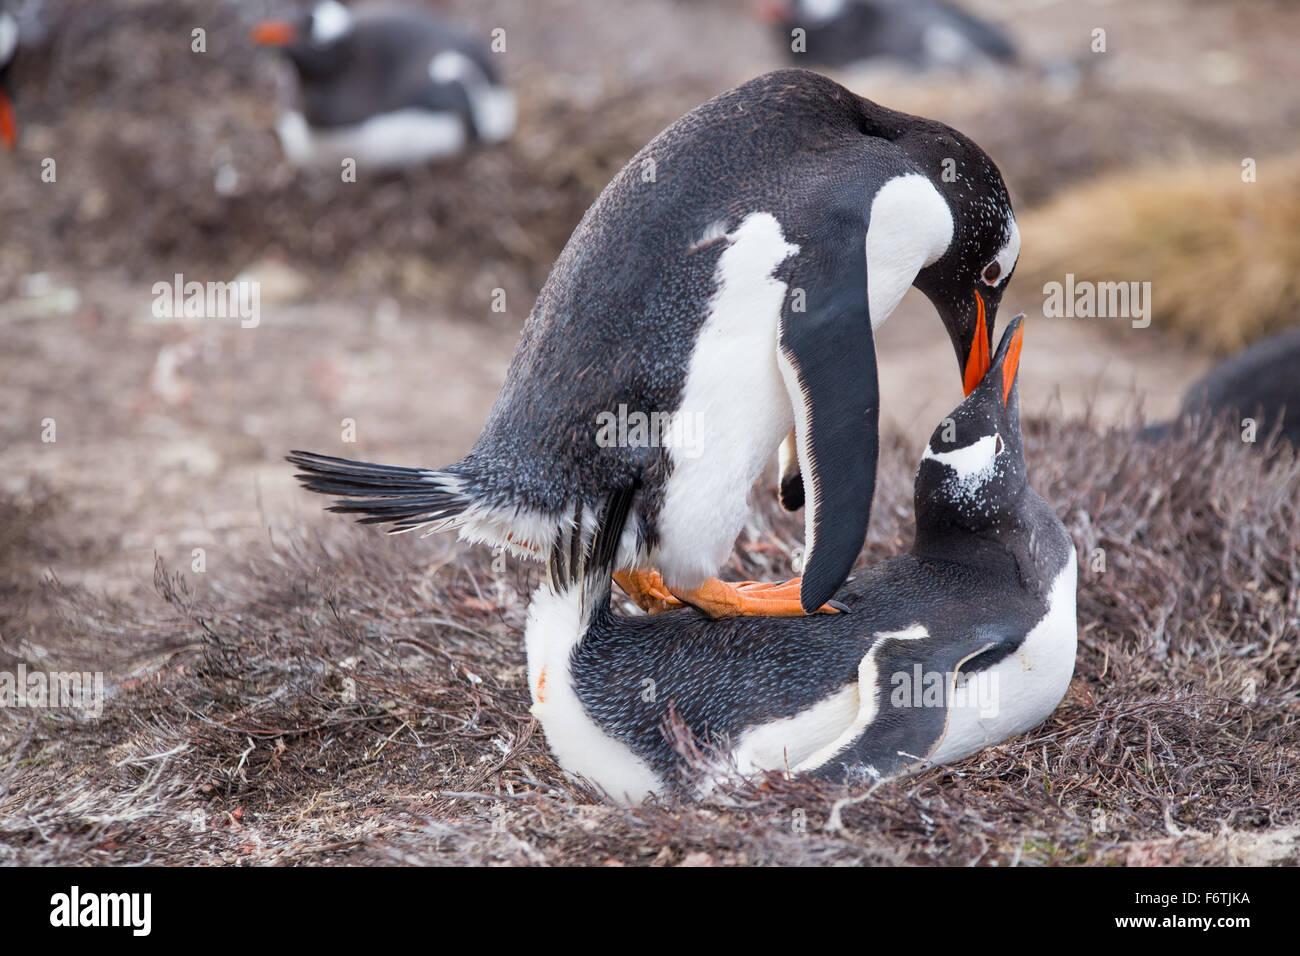 Pingüinos papúa (Pygoscelis papua) apareamiento. Las Islas Malvinas. Imagen De Stock